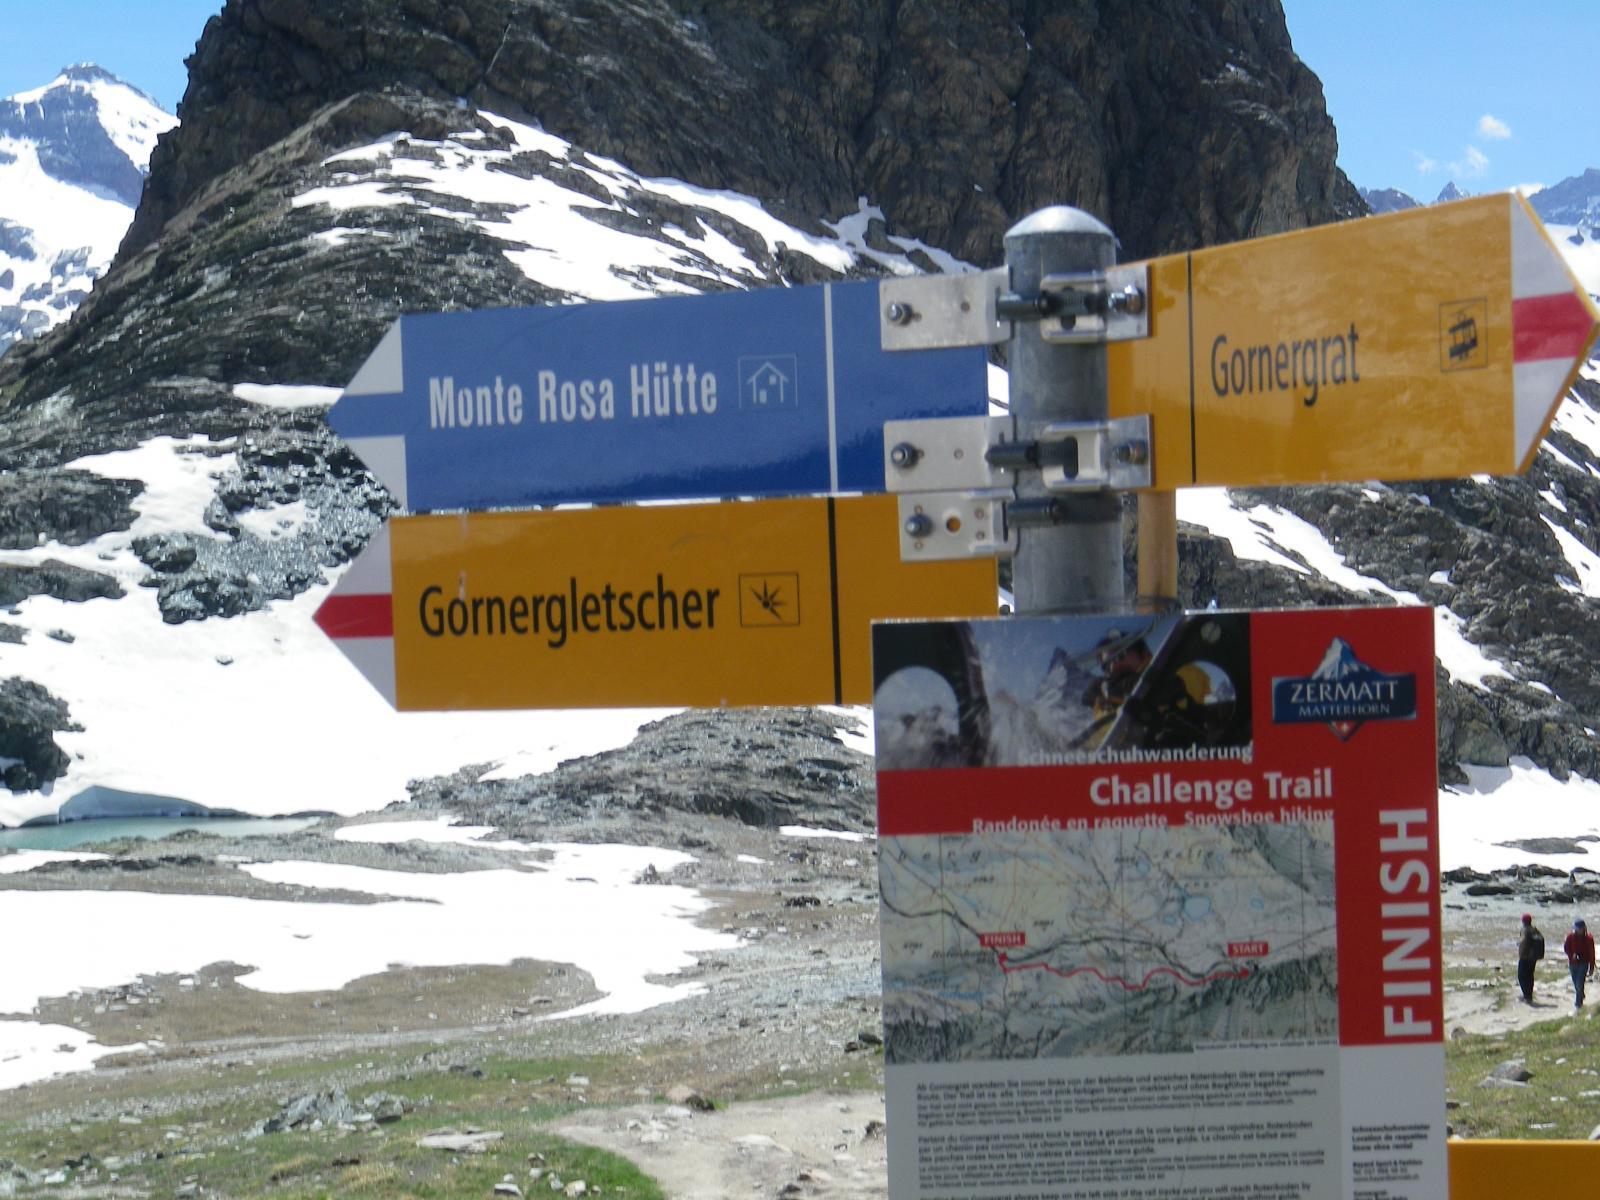 alla stazione di Rotenboden dove inizia il sentiero per la capanna